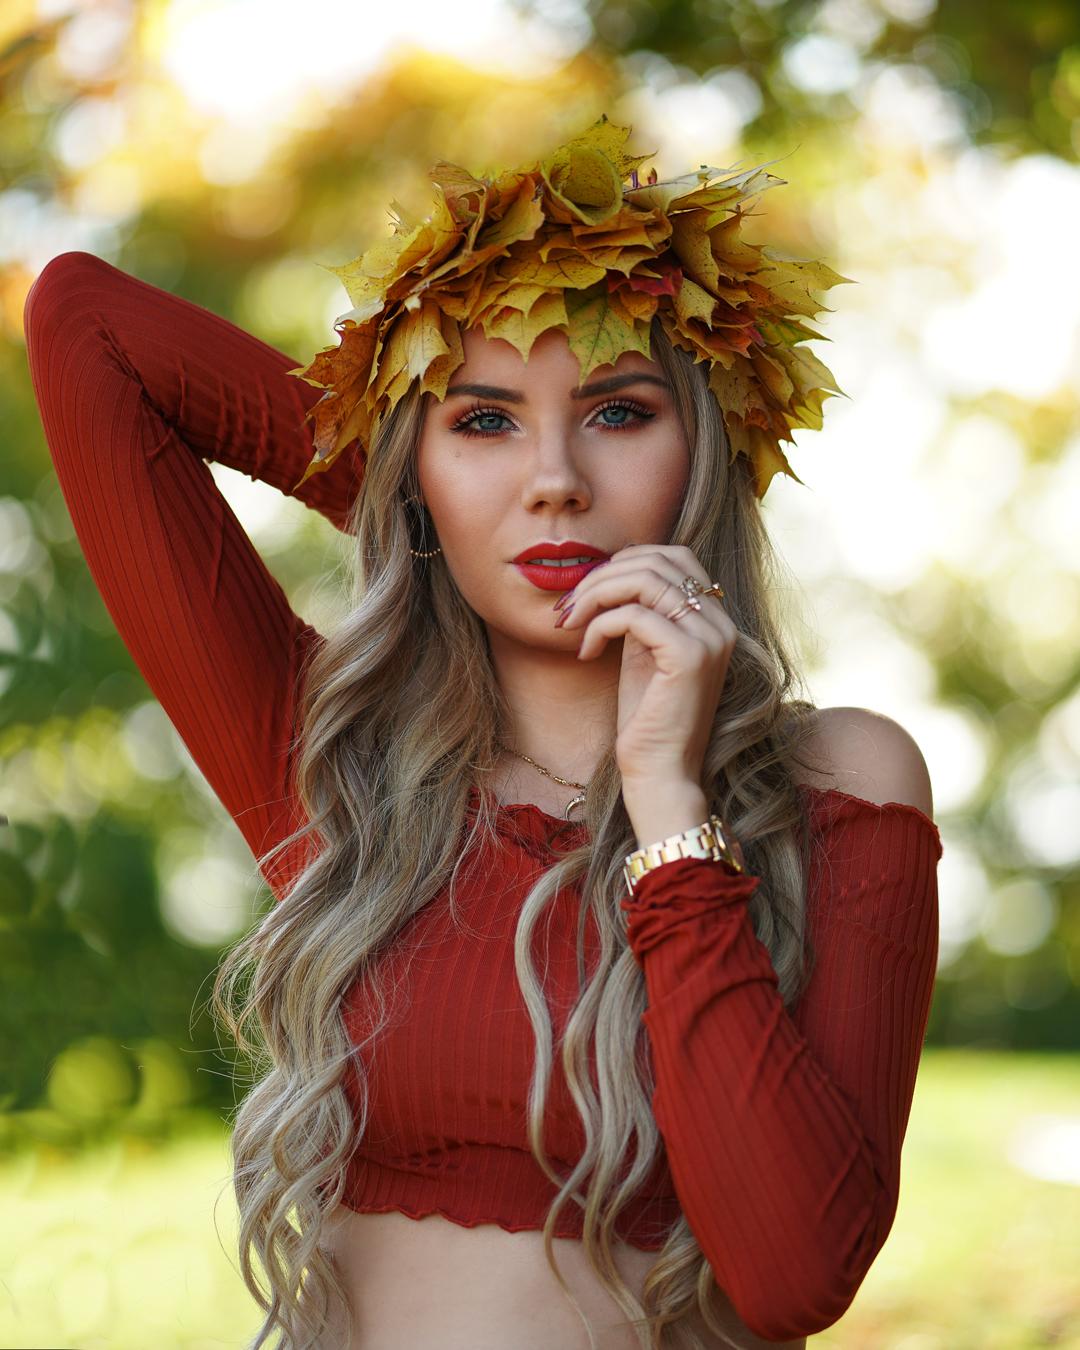 Unbearbeitetes Herbstfoto mit grüner Natur und Herbstkrone